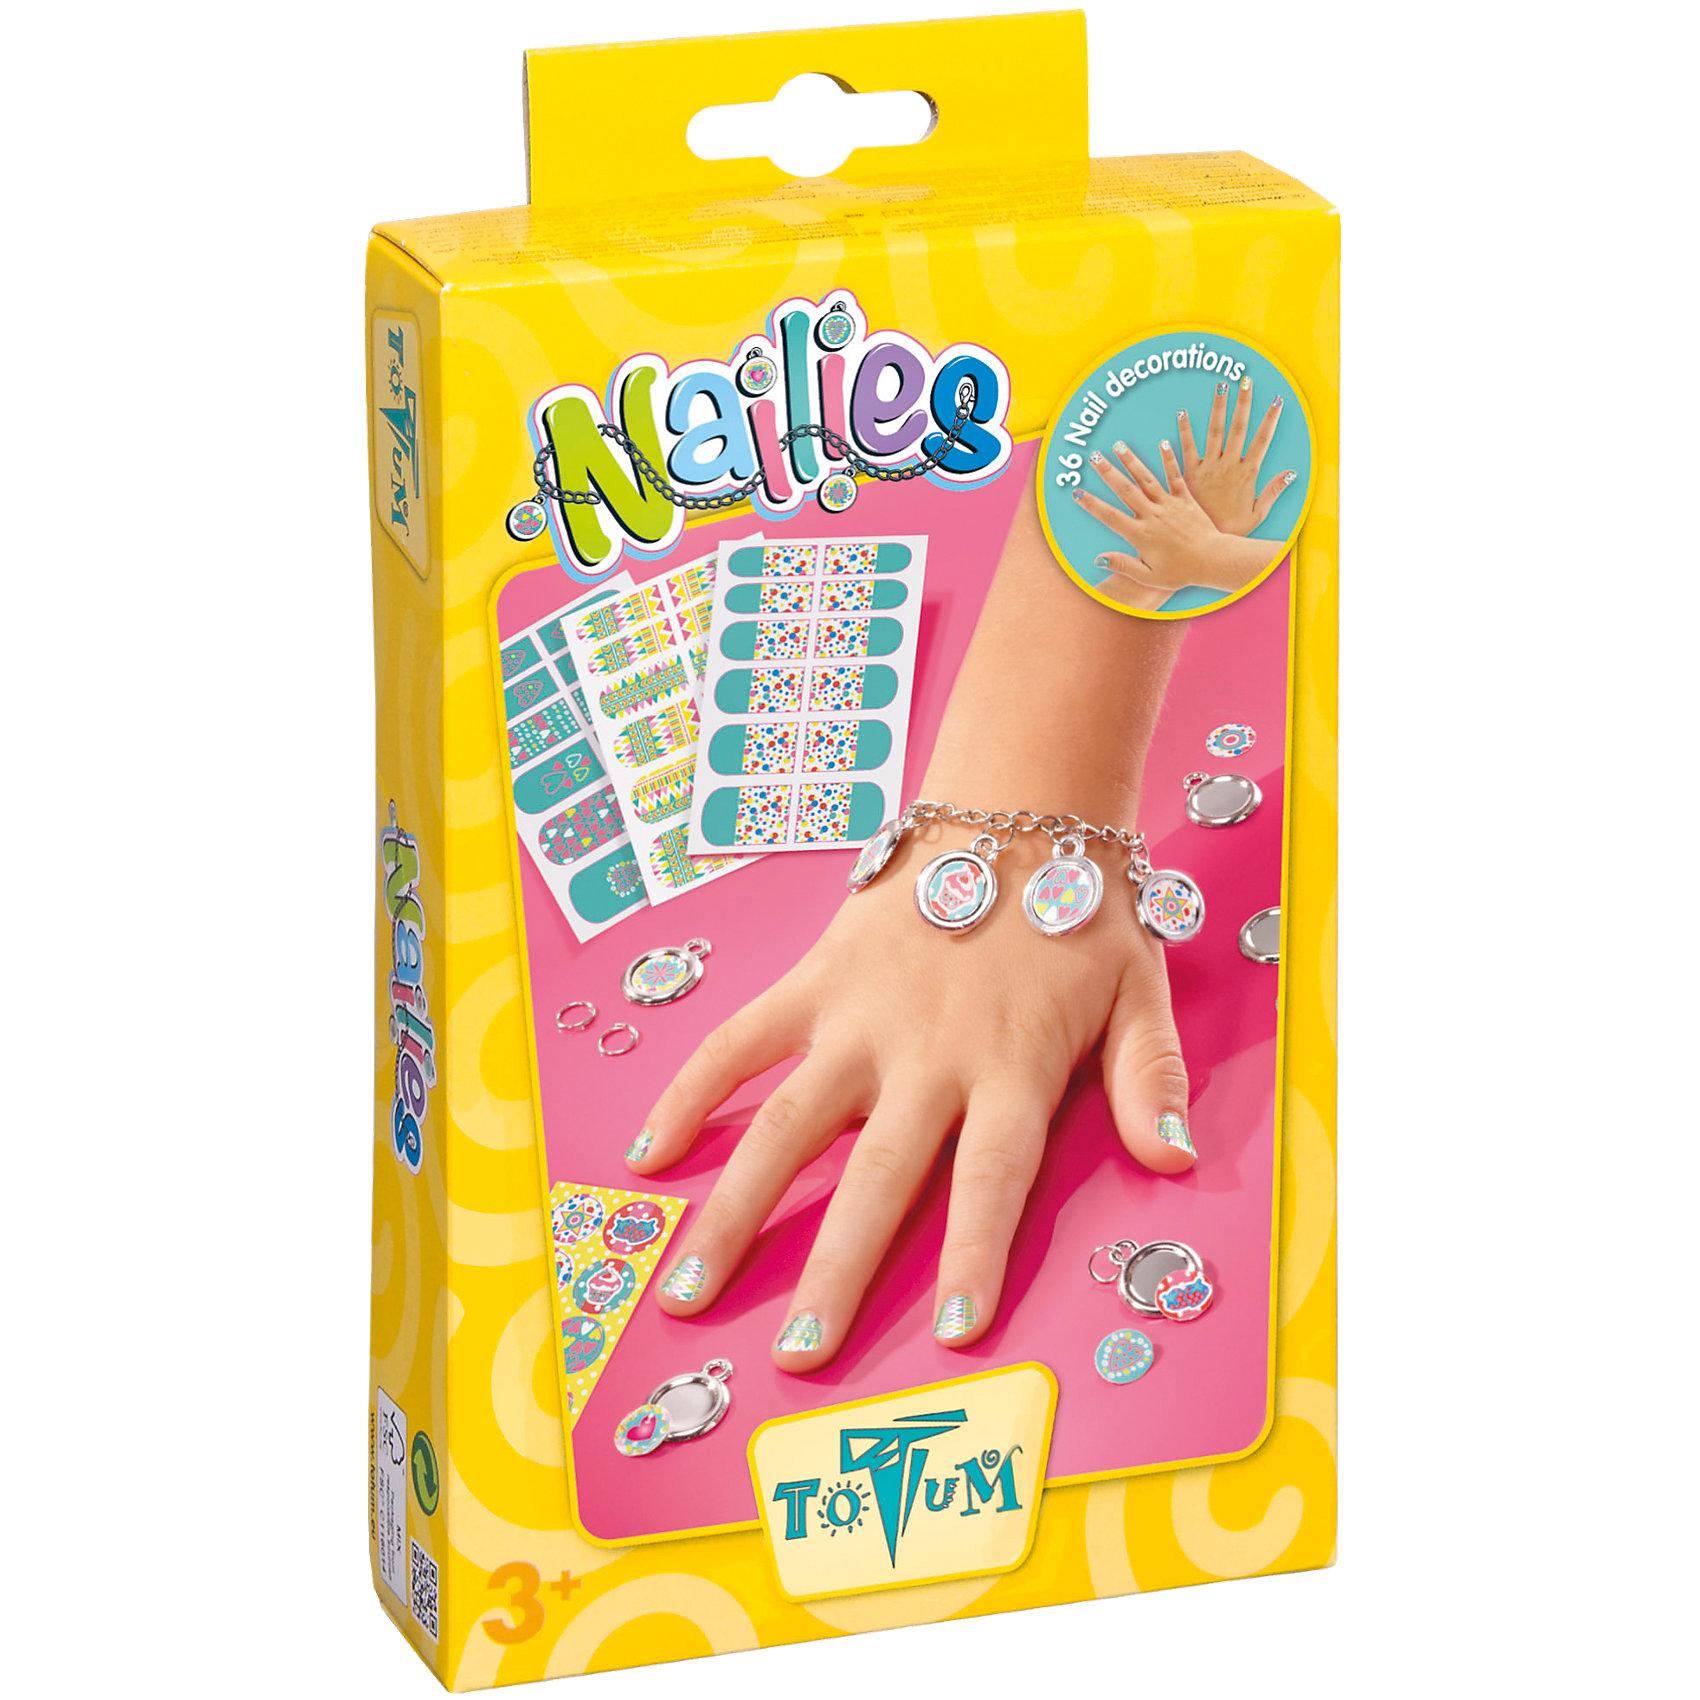 Набор для творчества NAILIESНабор для творчества NAILIES, Totum (Тотум)<br><br>Характеристики:<br><br>• восхитительные украшения для рук<br>• оригинальные амулеты<br>• в комплекте: набор наклеек, 3 листа наклеек для ногтей, металлические браслеты-цепочки, 5 металлических колец, 5 кулонов, инструкция<br>• размер упаковки: 13х20х3 см<br><br>Набор для творчества NAILIES предназначен для создания милых украшений своими руками. В процессе творчества девочка сможет изготовить для себя браслетик с пятью амулетами. Кроме того, в набор входят наклейки для ногтей, которых хватает на несколько применений! Подробная инструкция поможет девочке разобраться в процессе. Создавая украшения, ребенок развивает мелкую моторику, усидчивость и внимательность. А сами украшения будут отличным поводом для гордости!<br><br>Набор для творчества NAILIES, Totum (Тотум) можно купить в нашем интернет-магазине.<br><br>Ширина мм: 202<br>Глубина мм: 131<br>Высота мм: 40<br>Вес г: 80<br>Возраст от месяцев: 60<br>Возраст до месяцев: 120<br>Пол: Женский<br>Возраст: Детский<br>SKU: 3996488